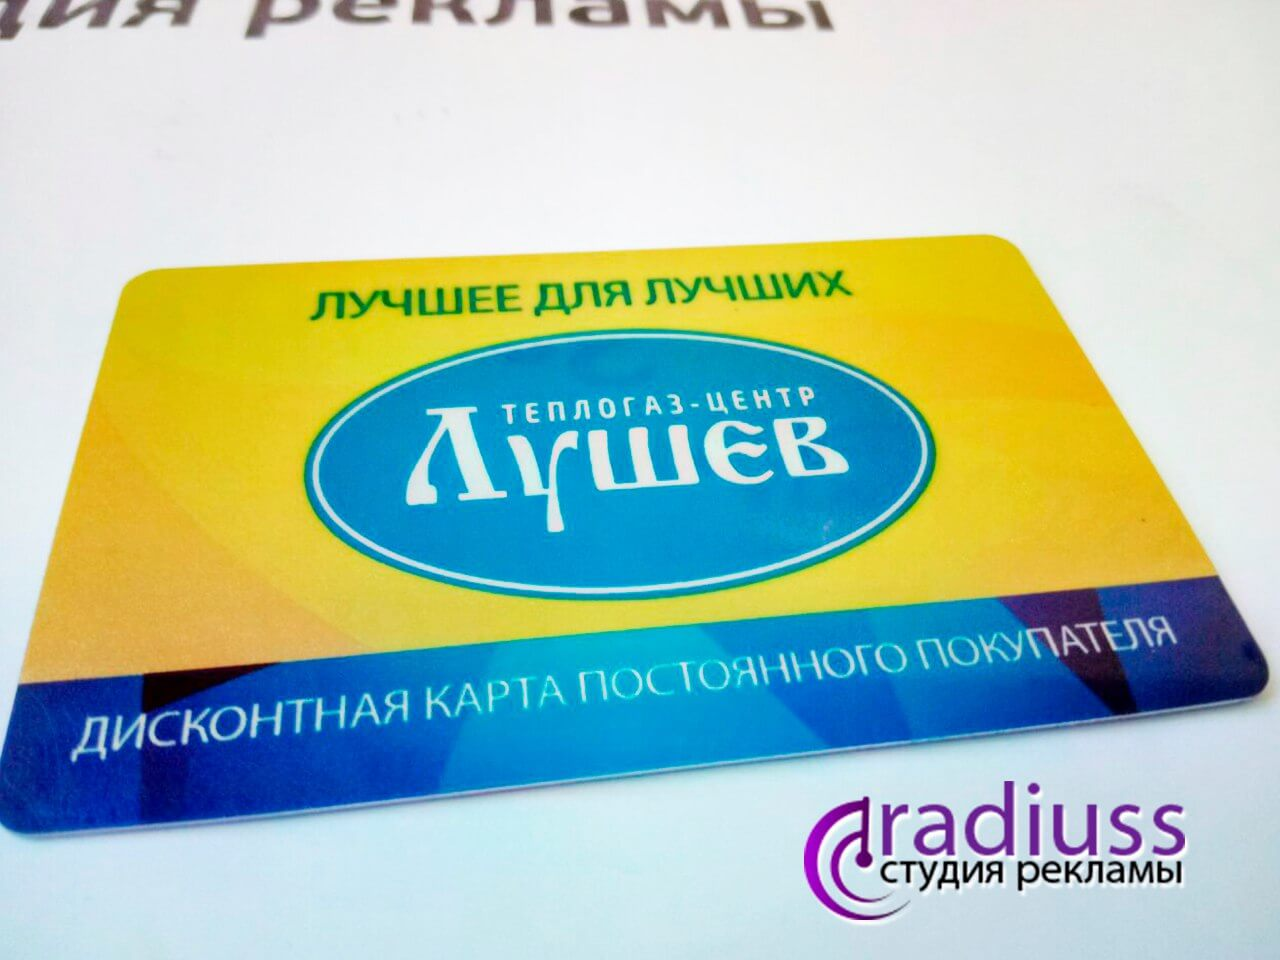 Печать на пластиковых карт фото № 1